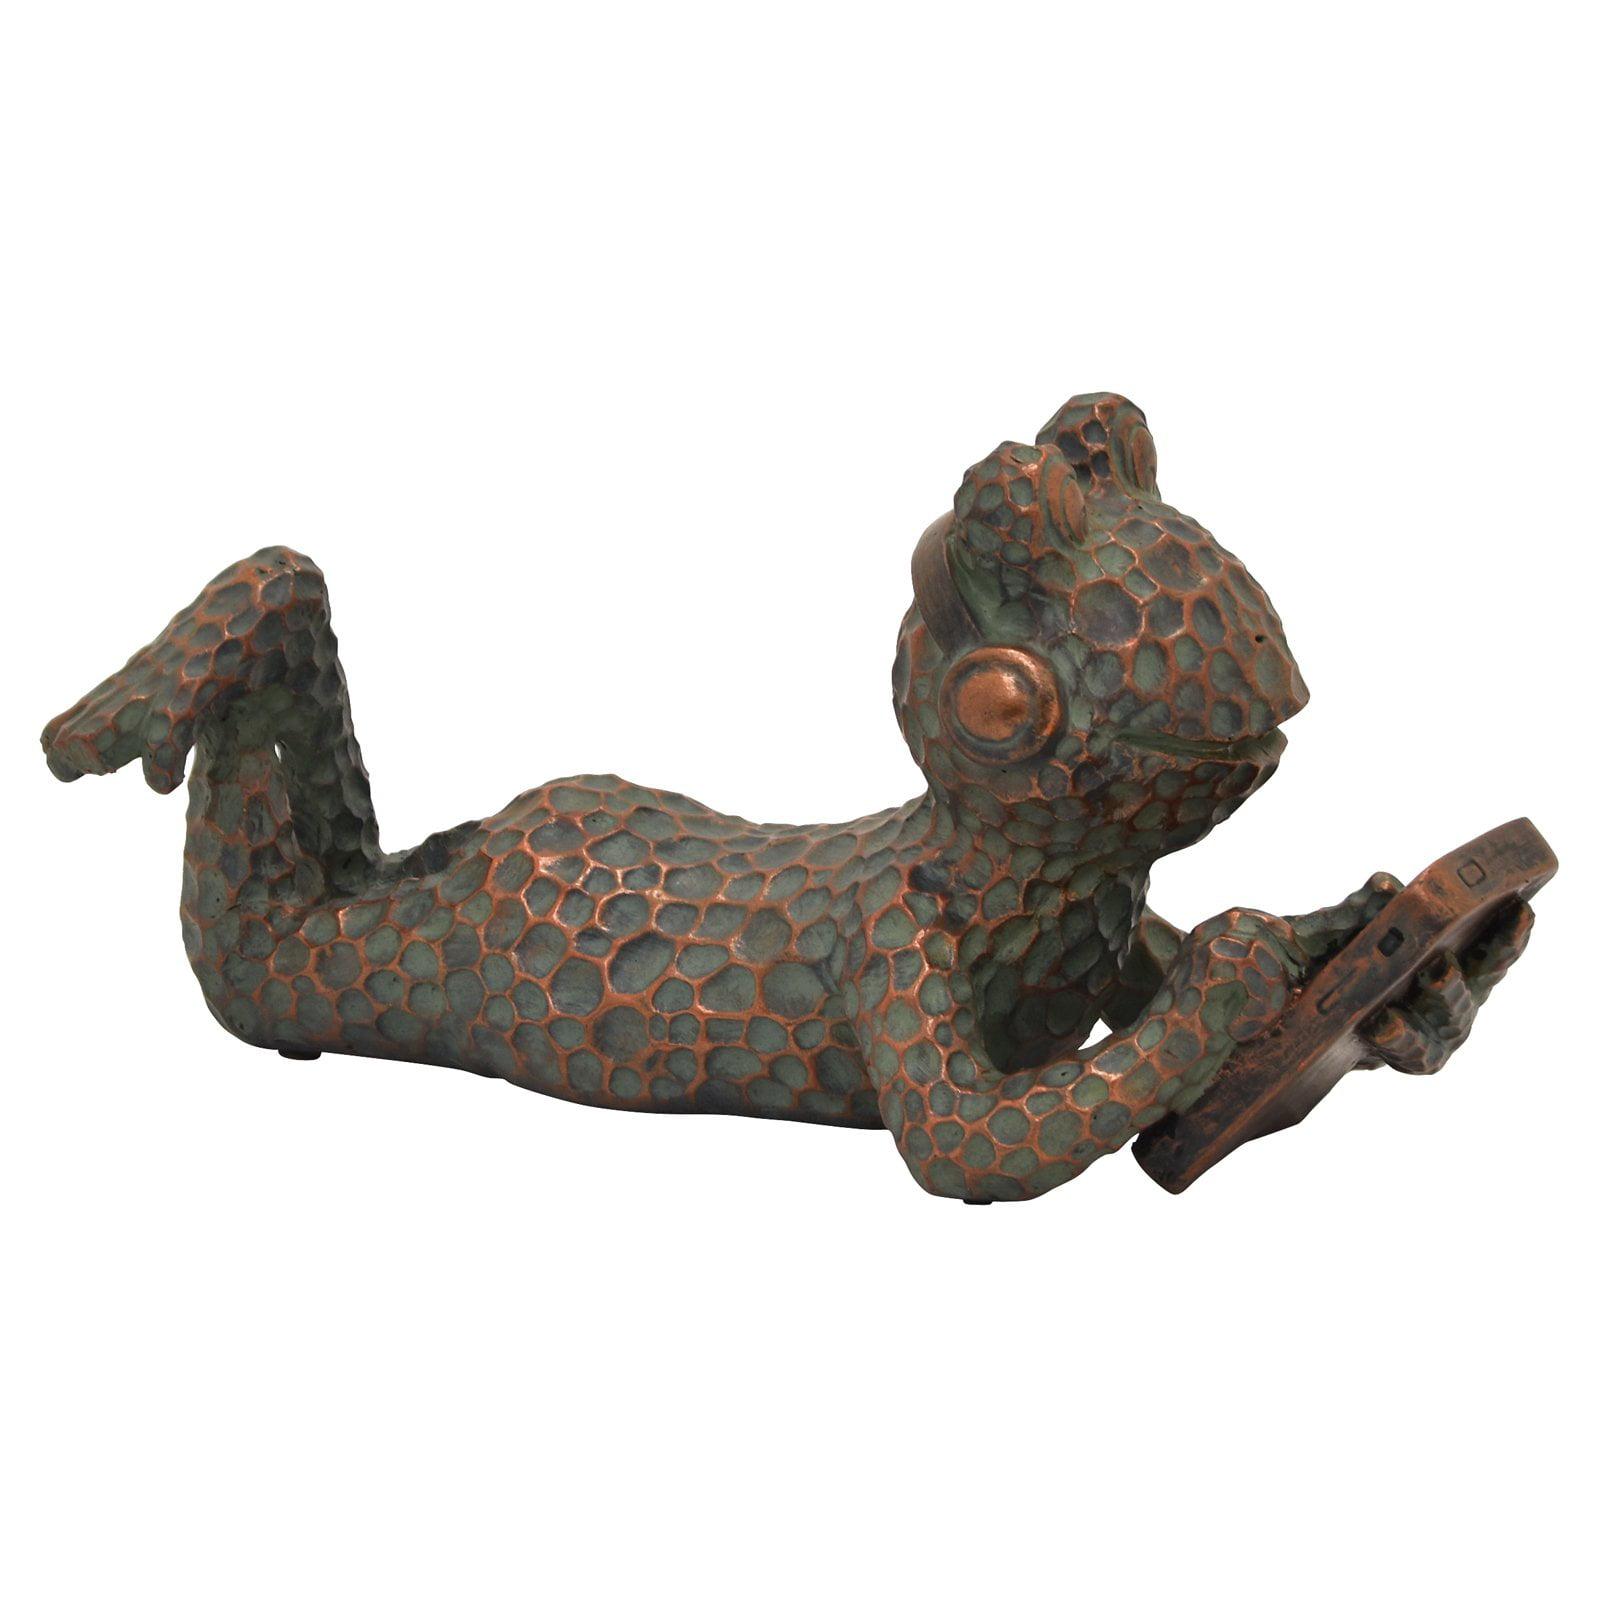 Three Hands Frog with Headphones Tabletop Sculpture